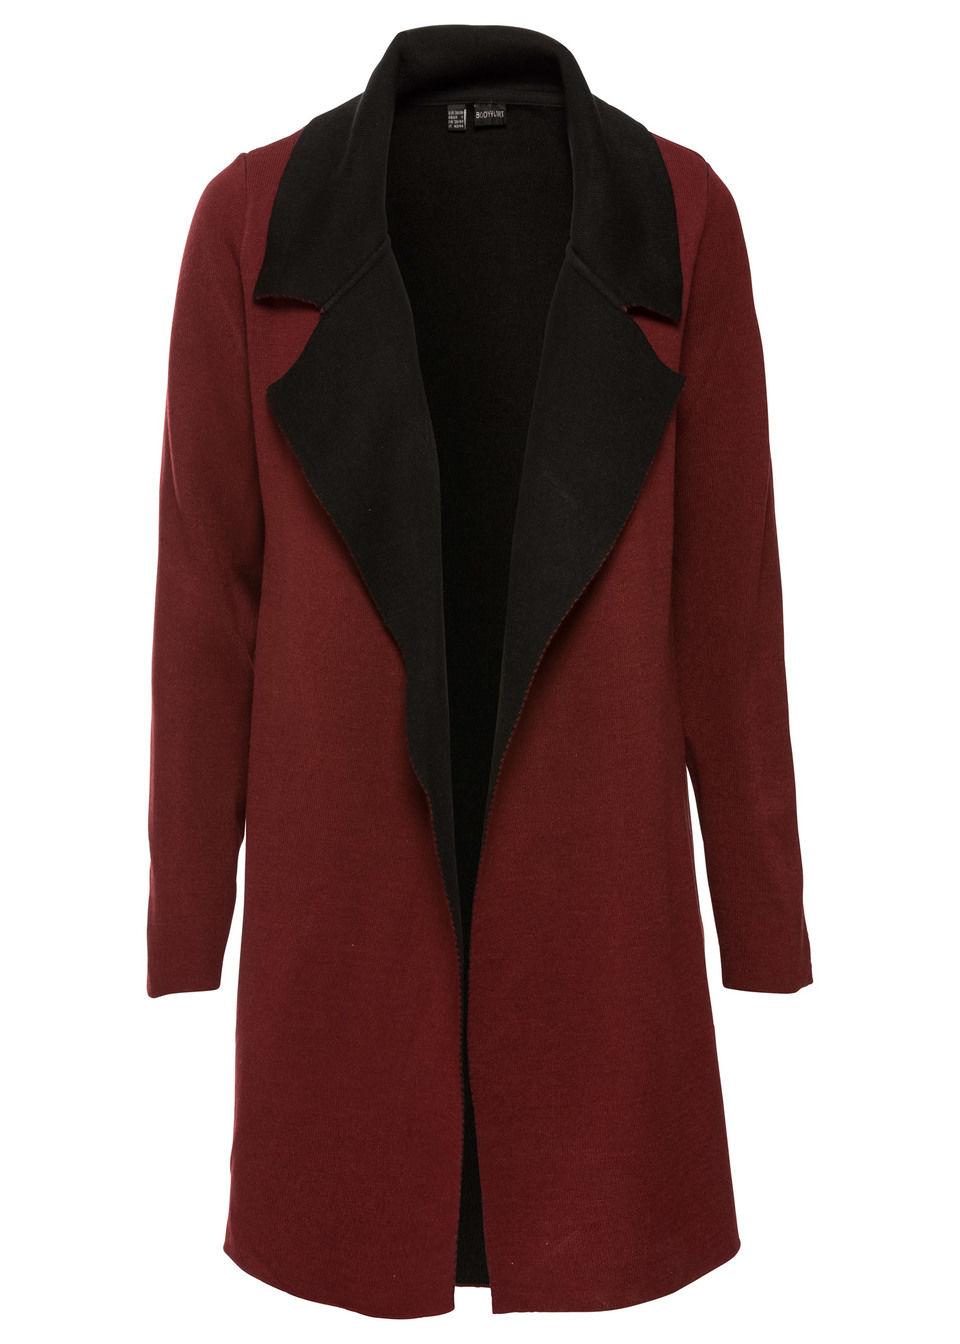 b55fa145d Dámske kabáty | 4 957 kabátov na jednom mieste - Glami.sk